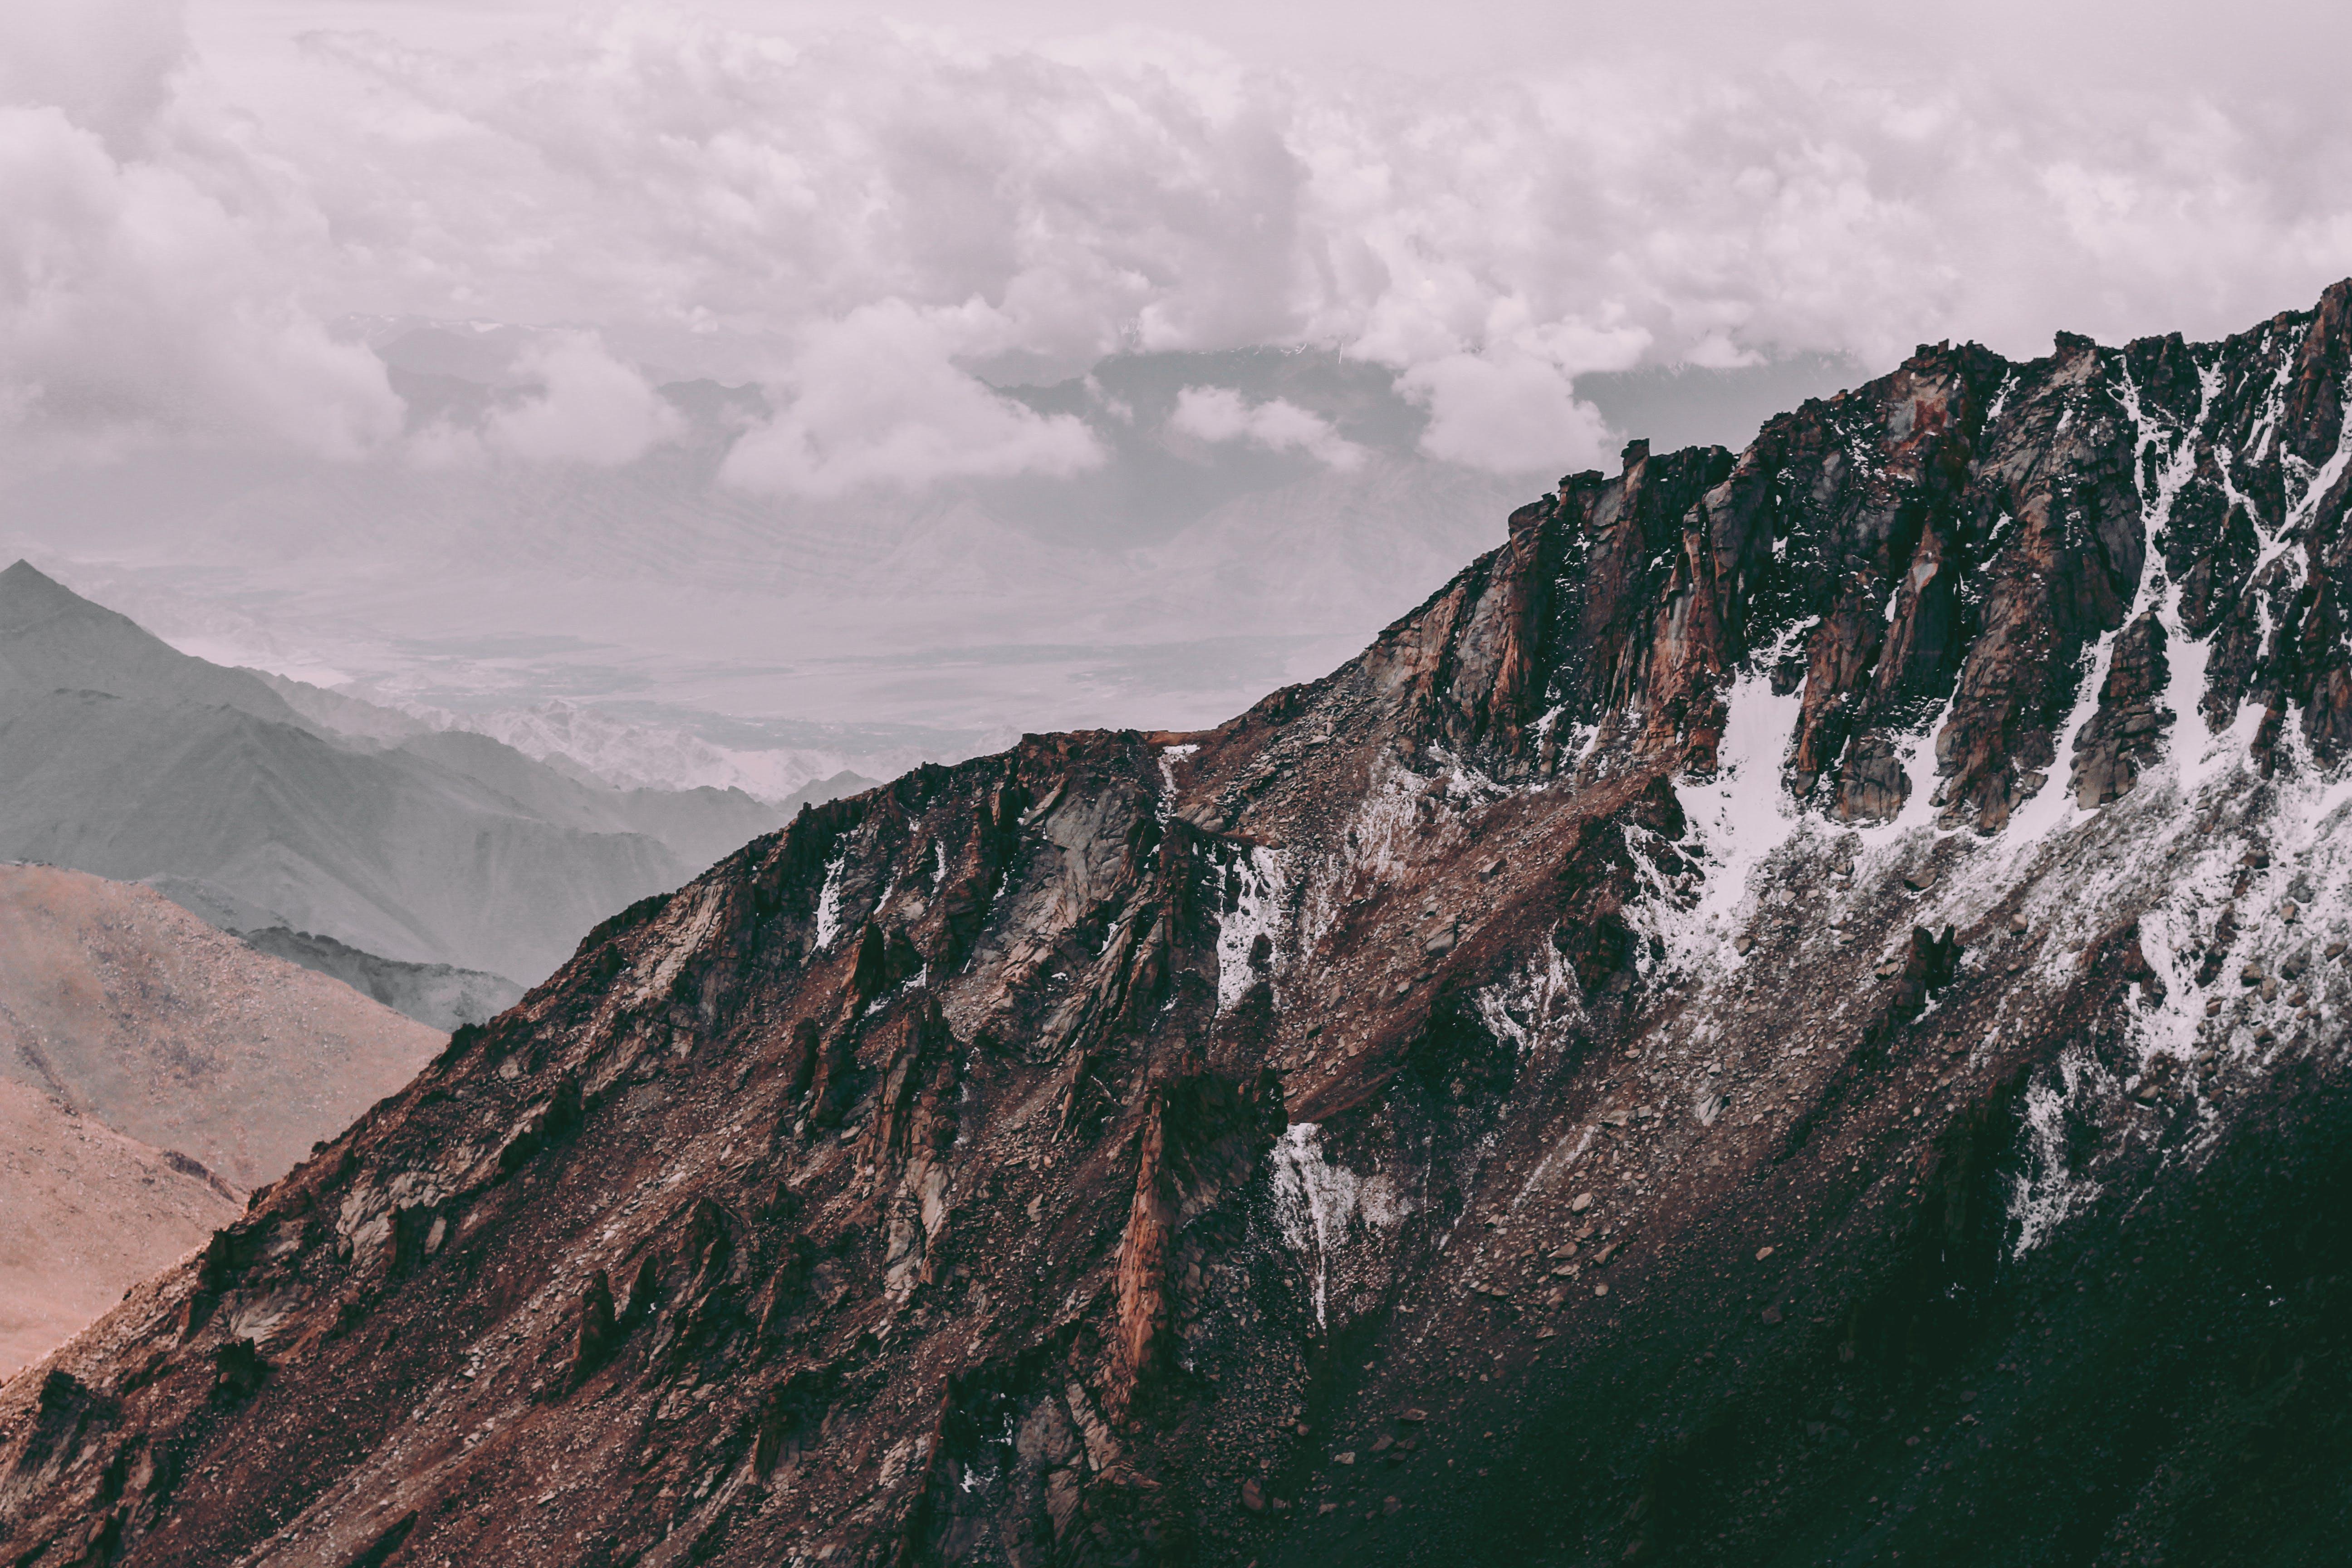 Δωρεάν στοκ φωτογραφιών με ladakh, βουνό, βουνοκορφή, βραχώδες βουνό